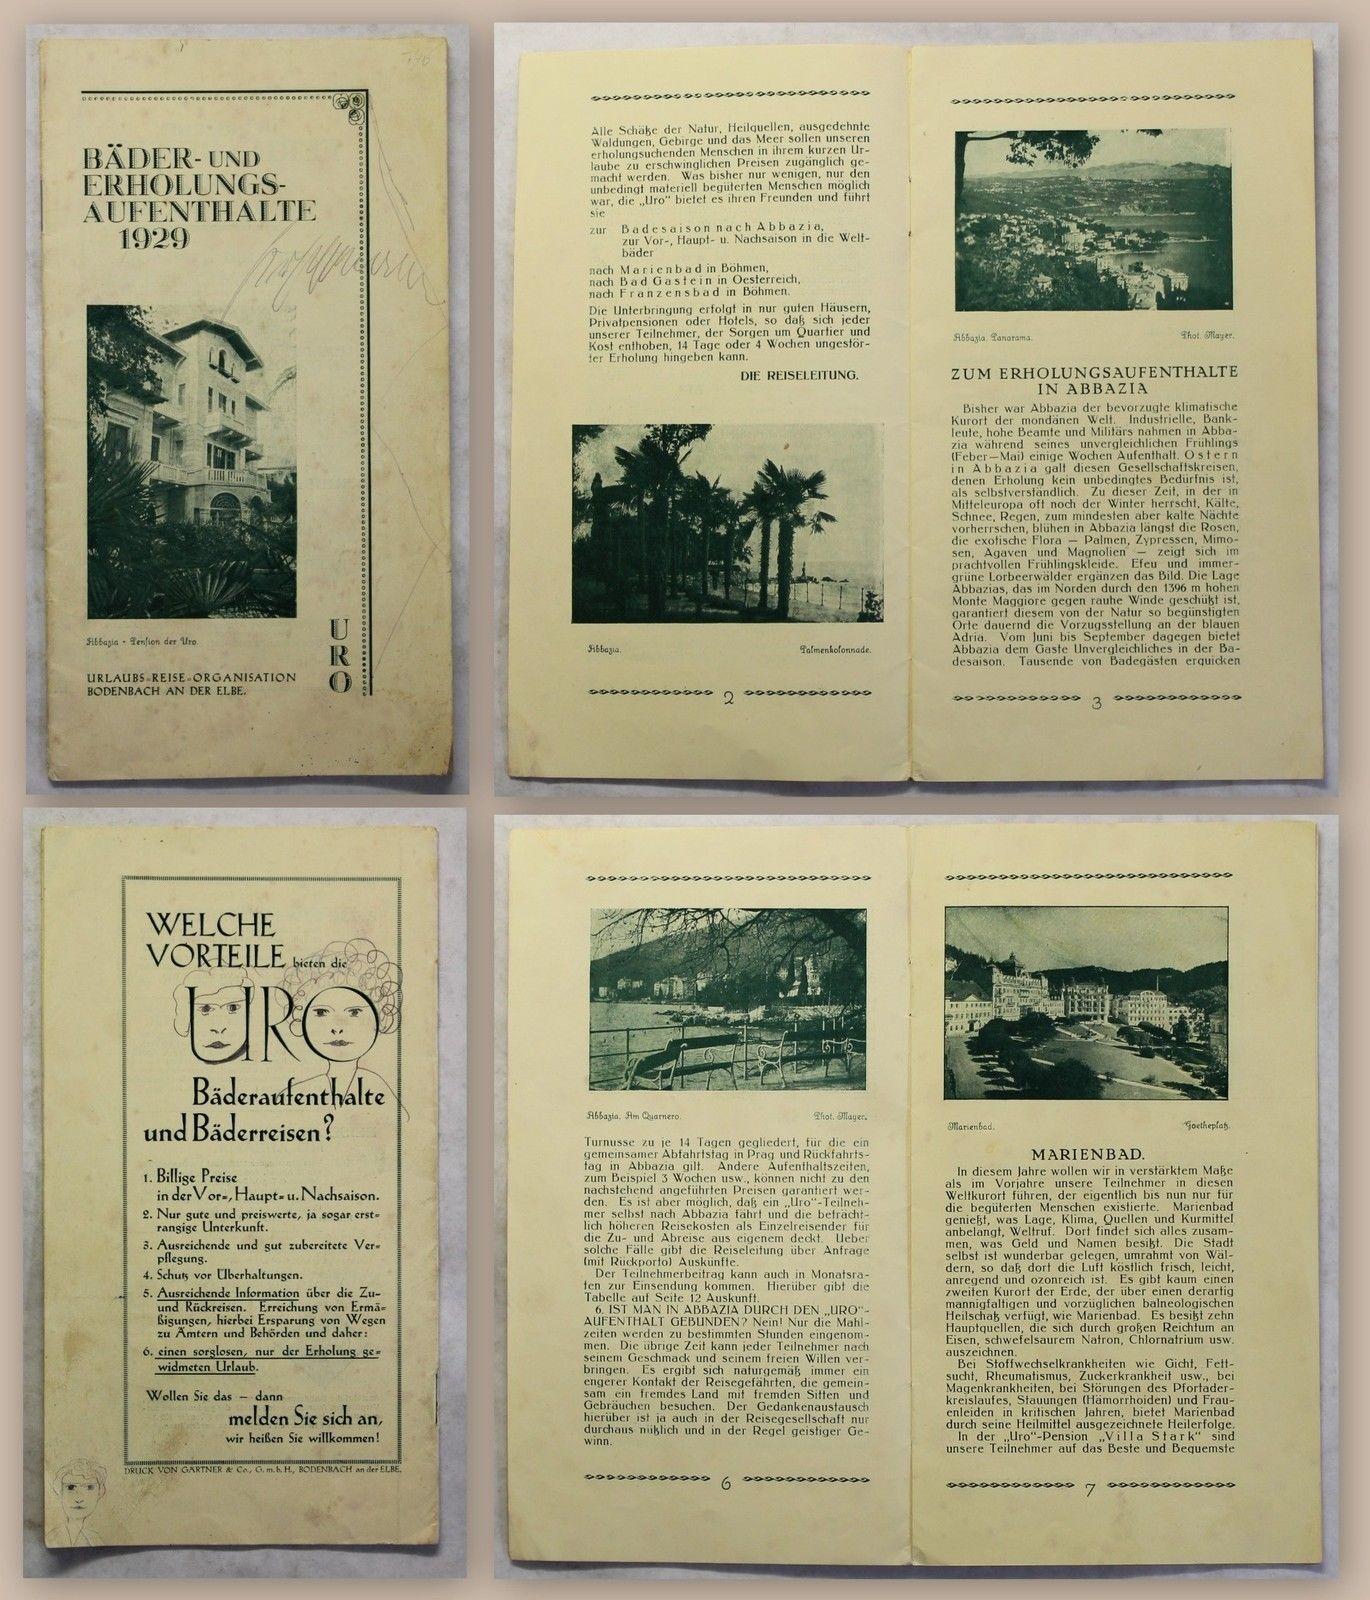 PROSPEKT BROCHURE DI VIAGGIO bagni e ripresa soggiorni 1929 abbazia ...